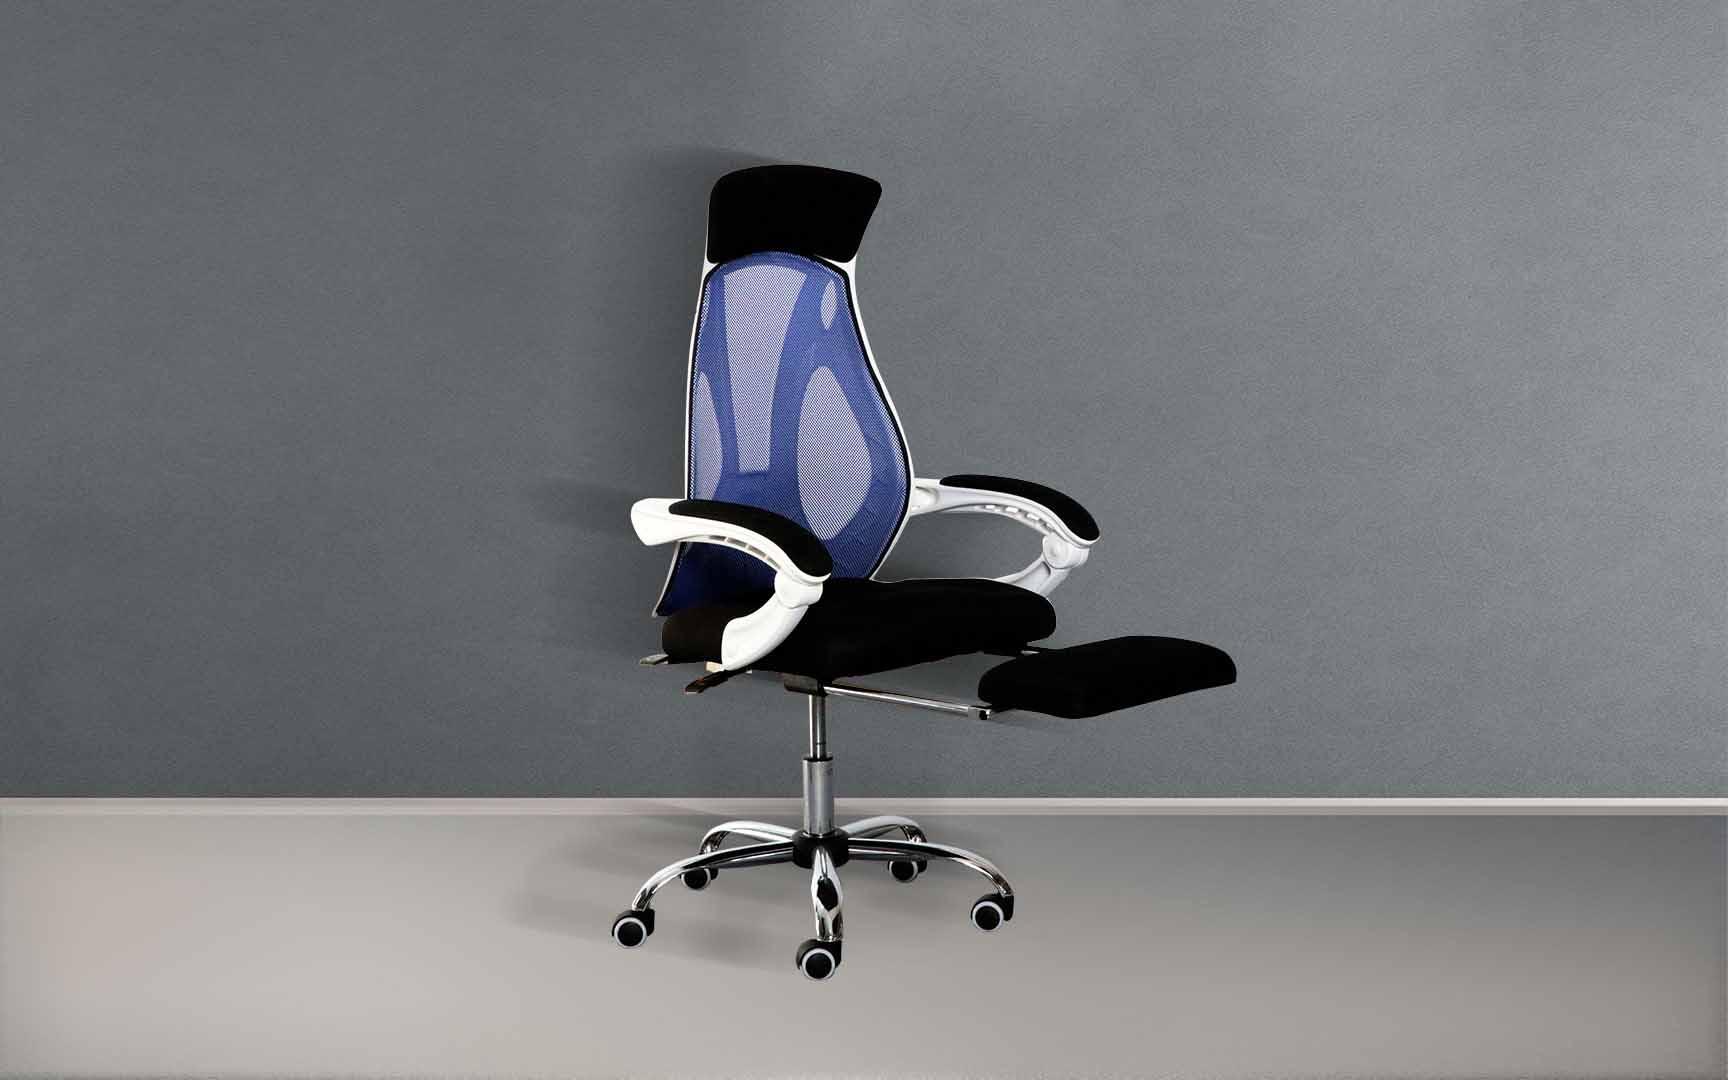 白城幾十種辦公椅供您選擇